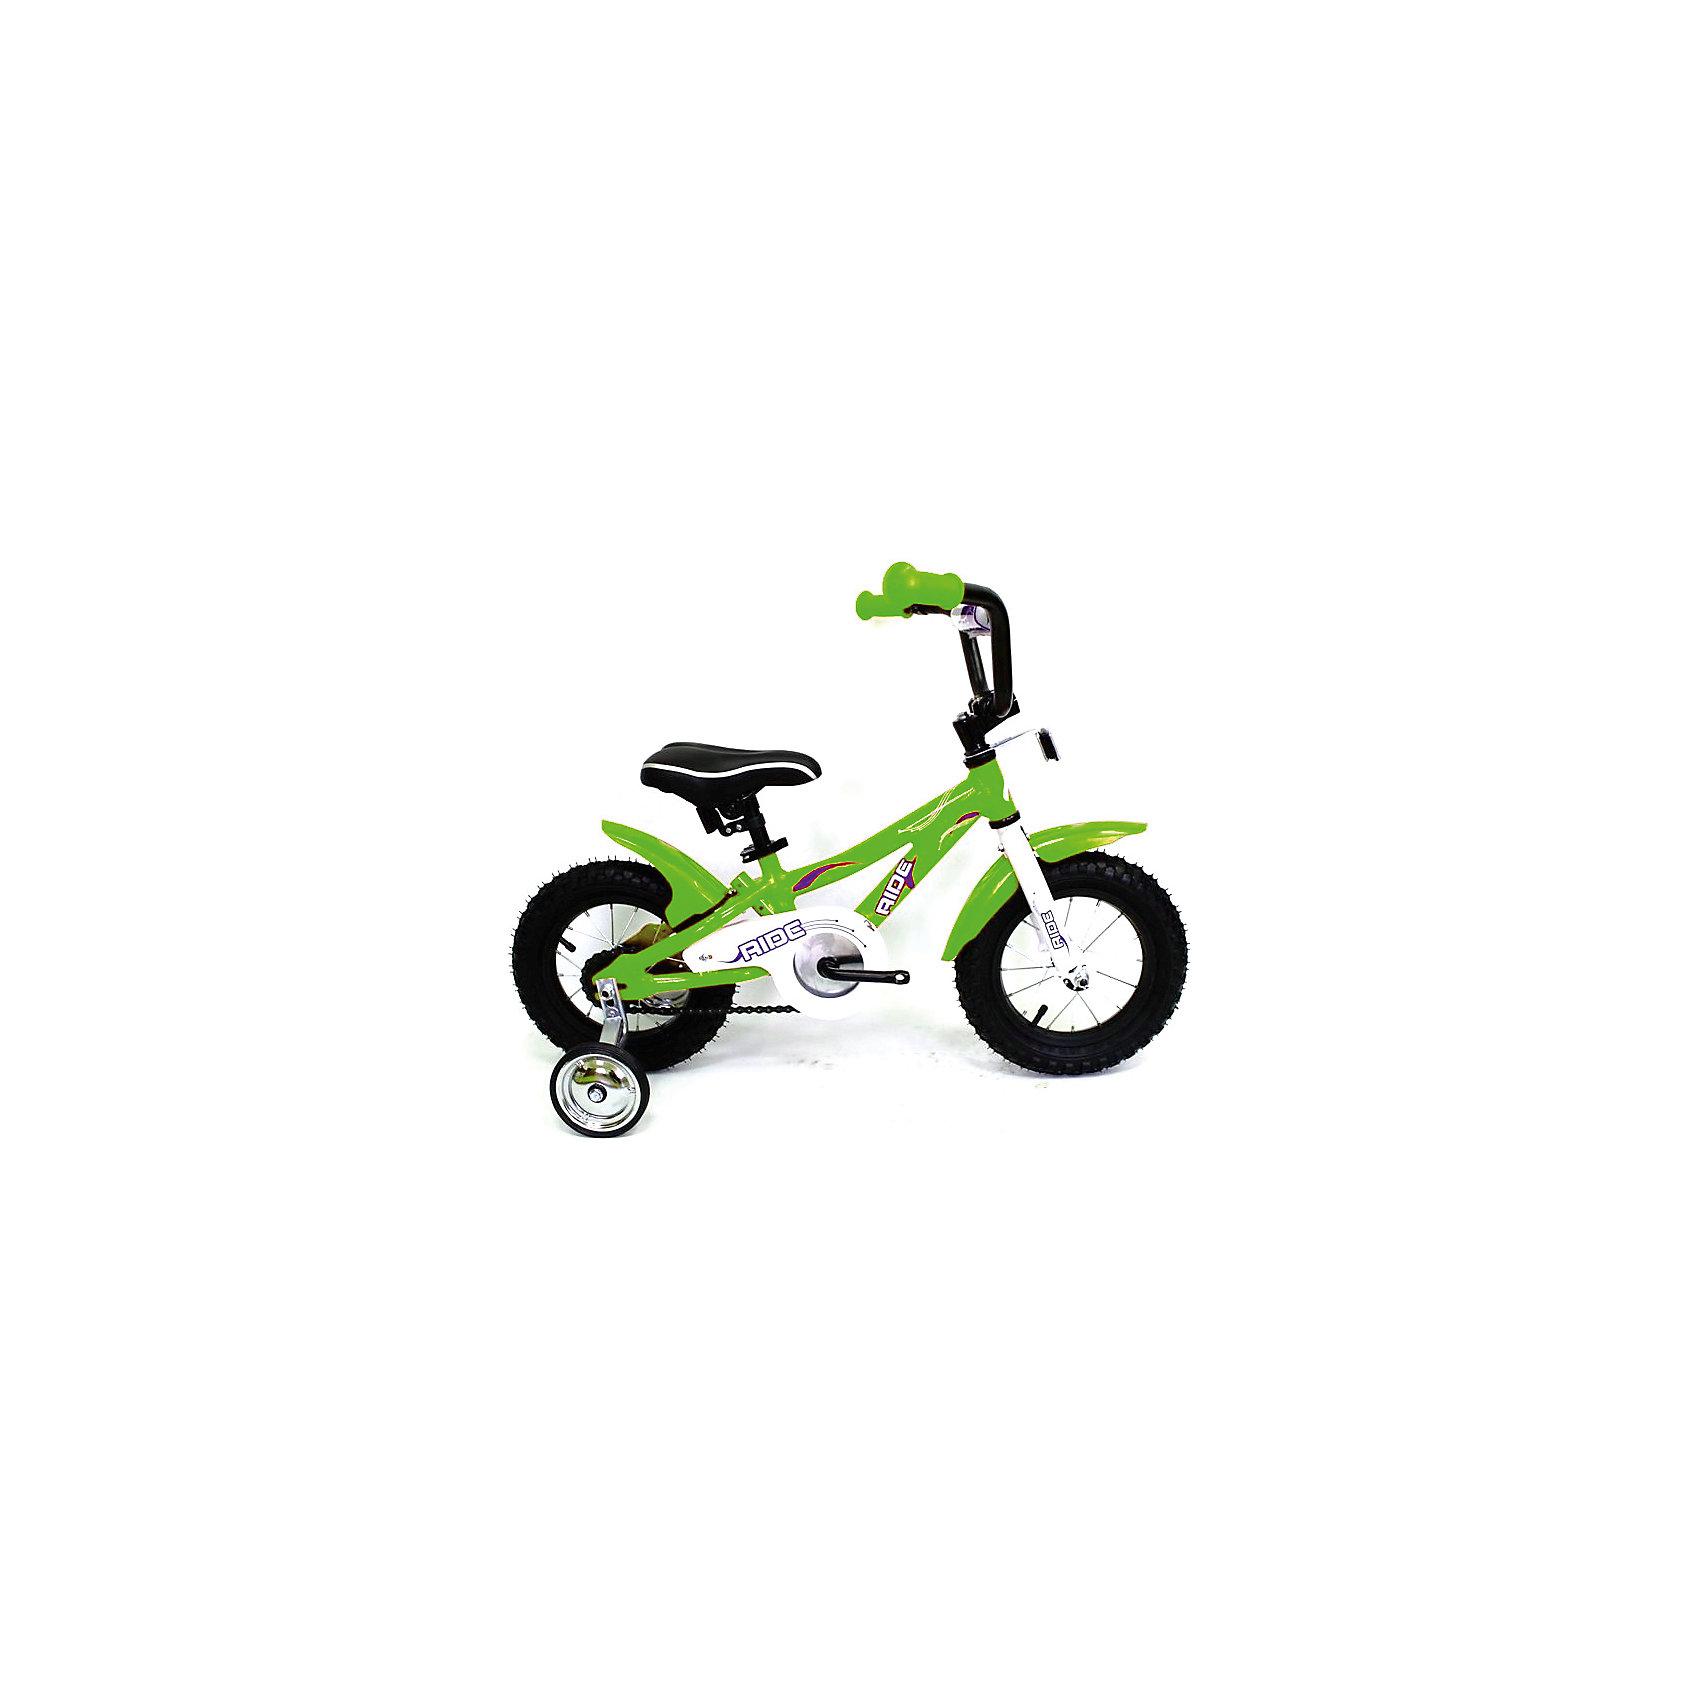 Велосипед RIDE, MARS, светло-зеленыйВелосипеды детские<br><br><br>Ширина мм: 400<br>Глубина мм: 400<br>Высота мм: 1000<br>Вес г: 10000<br>Возраст от месяцев: 24<br>Возраст до месяцев: 60<br>Пол: Унисекс<br>Возраст: Детский<br>SKU: 4785499